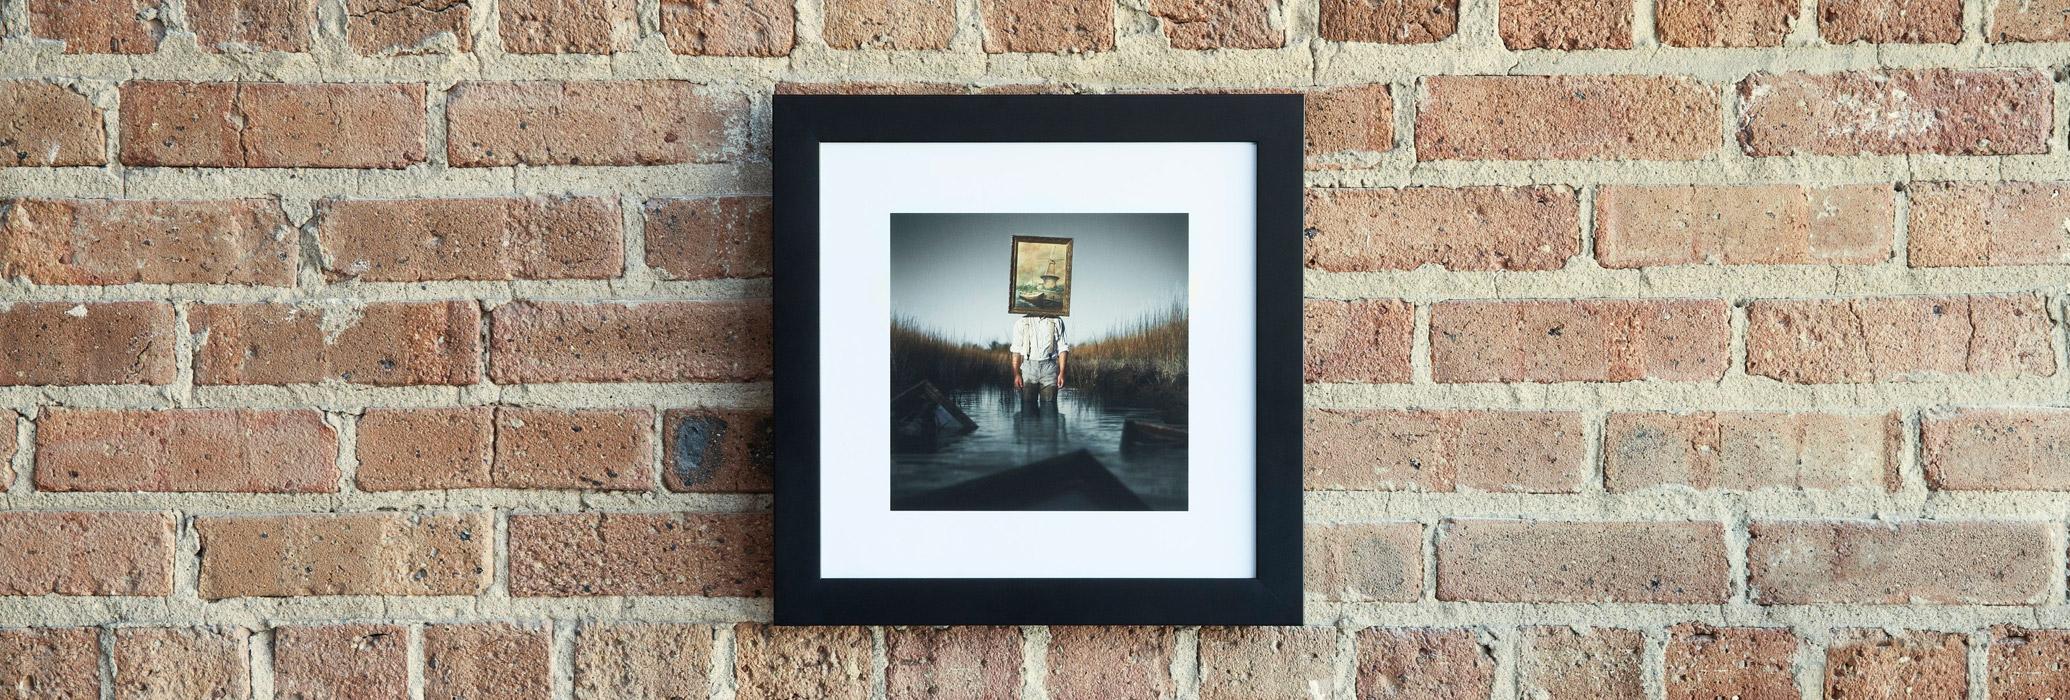 Framed art print example